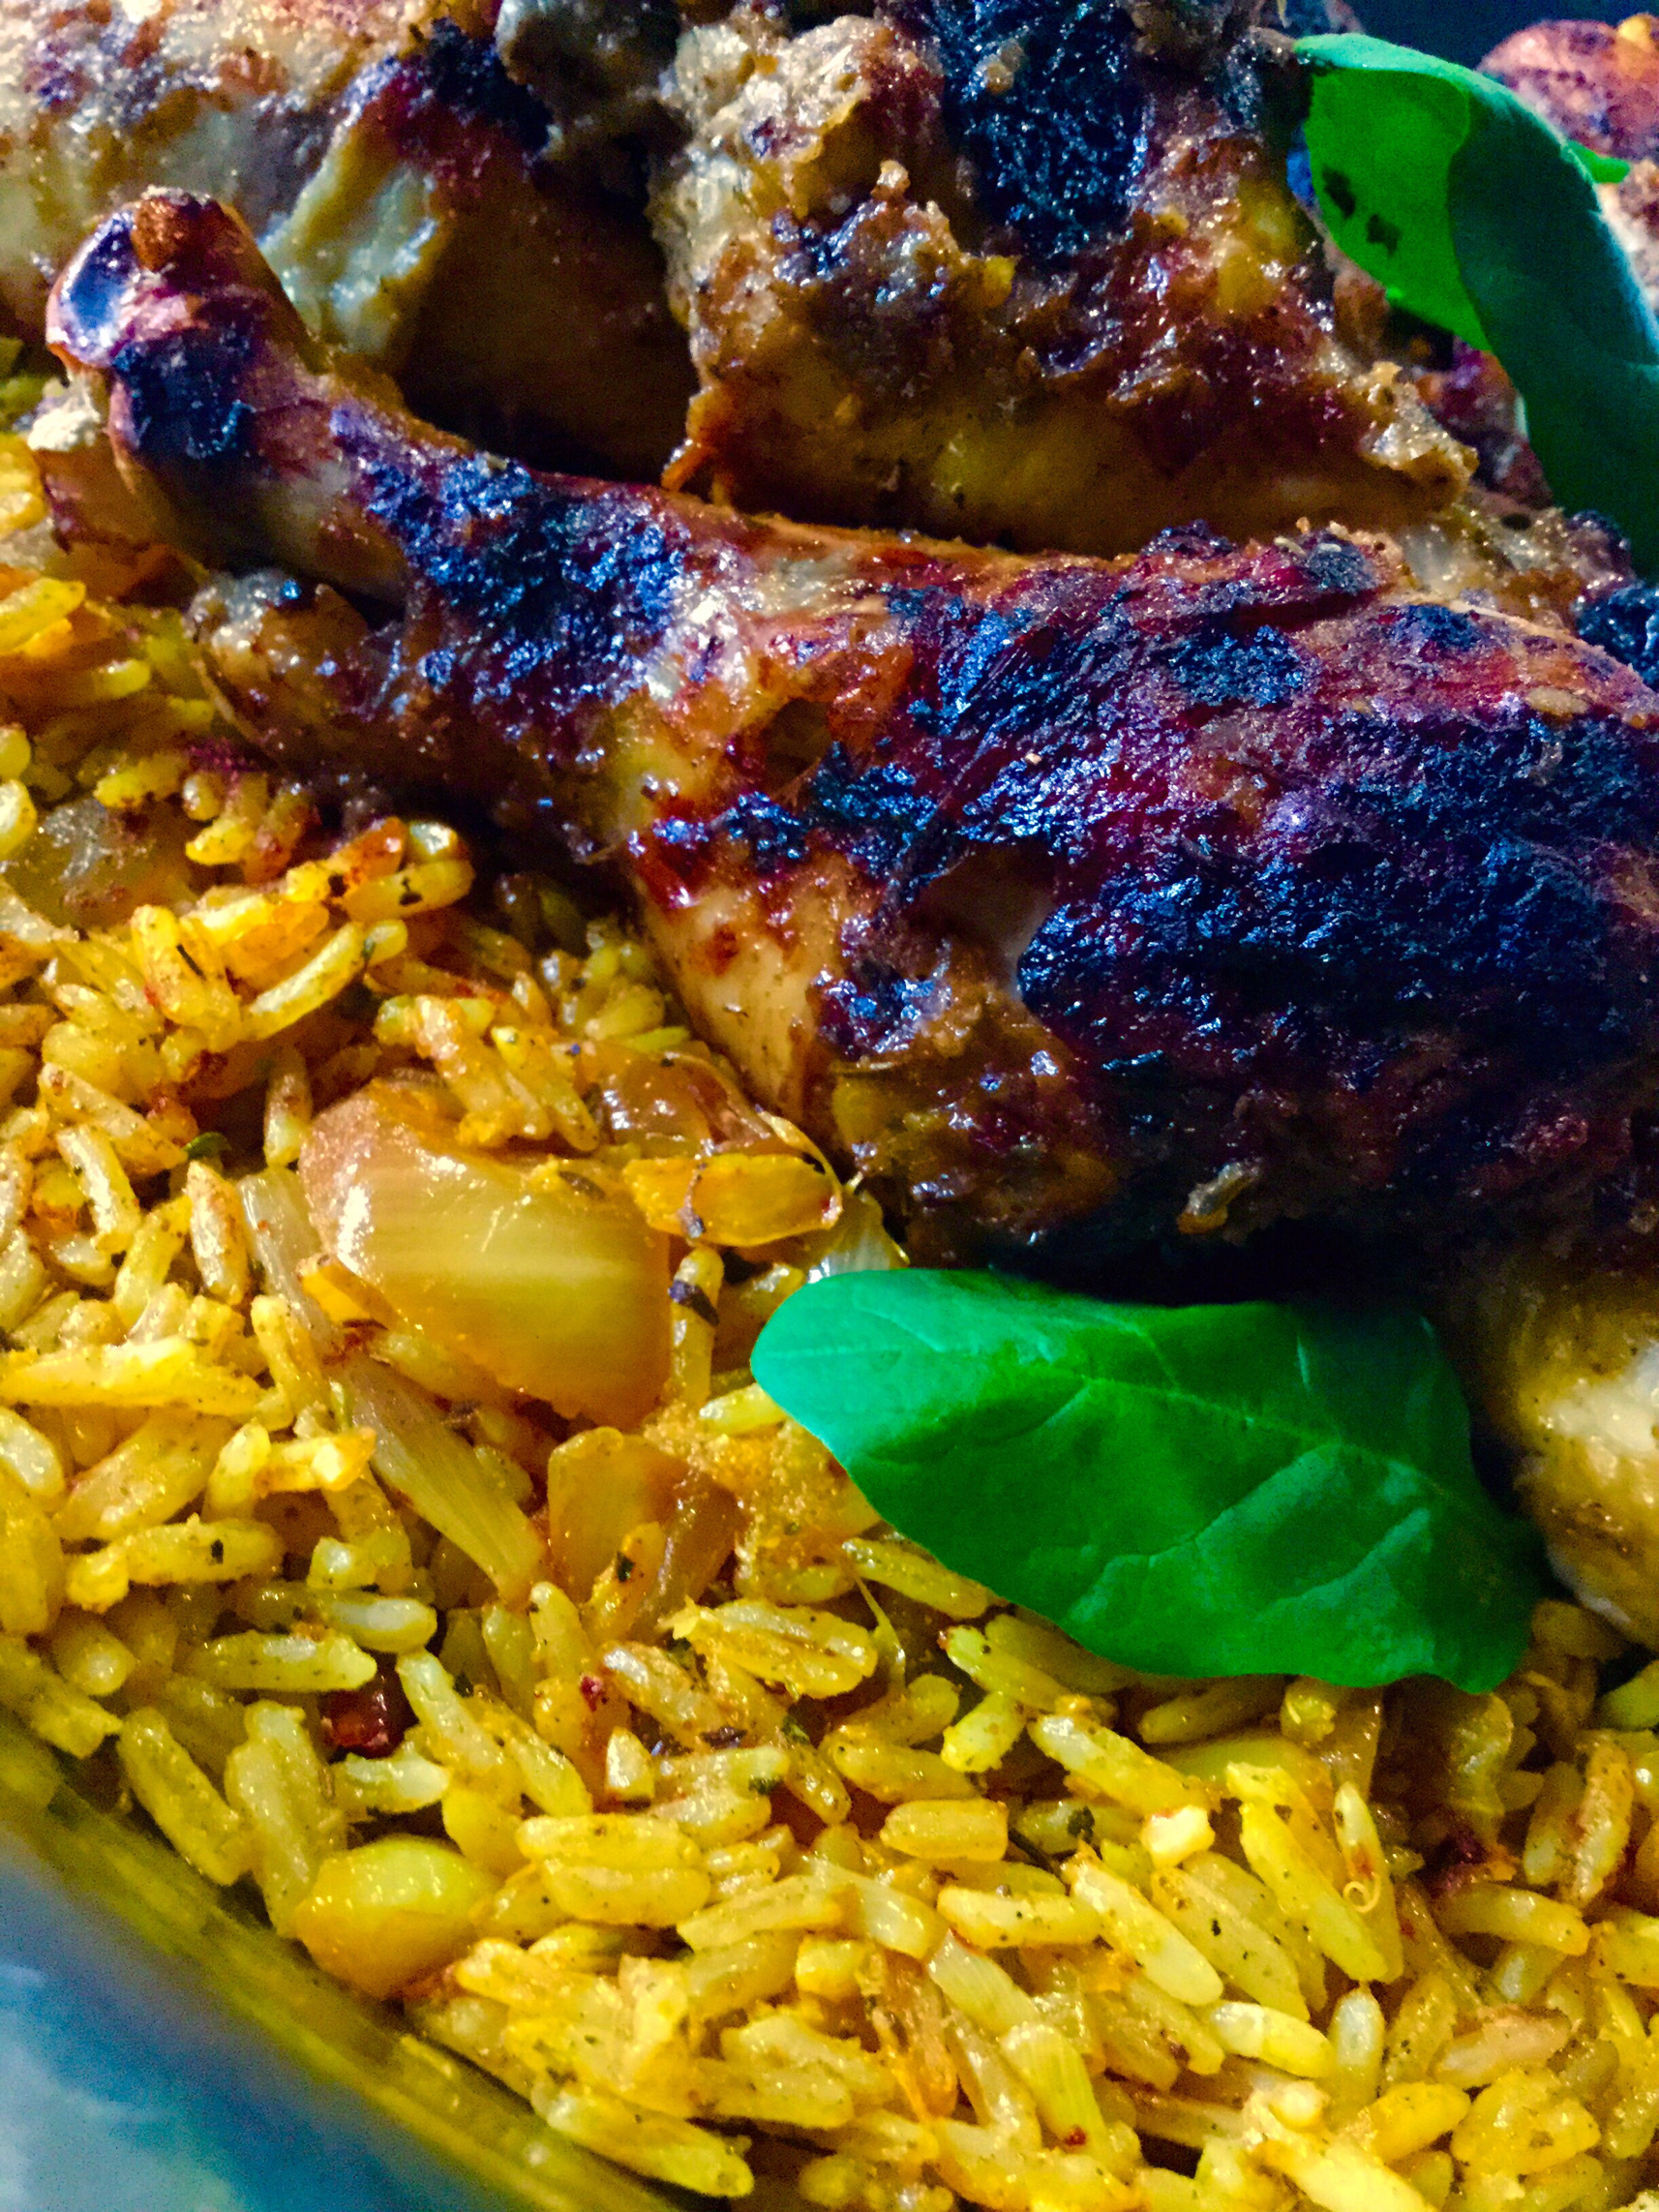 Mariby Corpening's Jerked Chicken & Rice